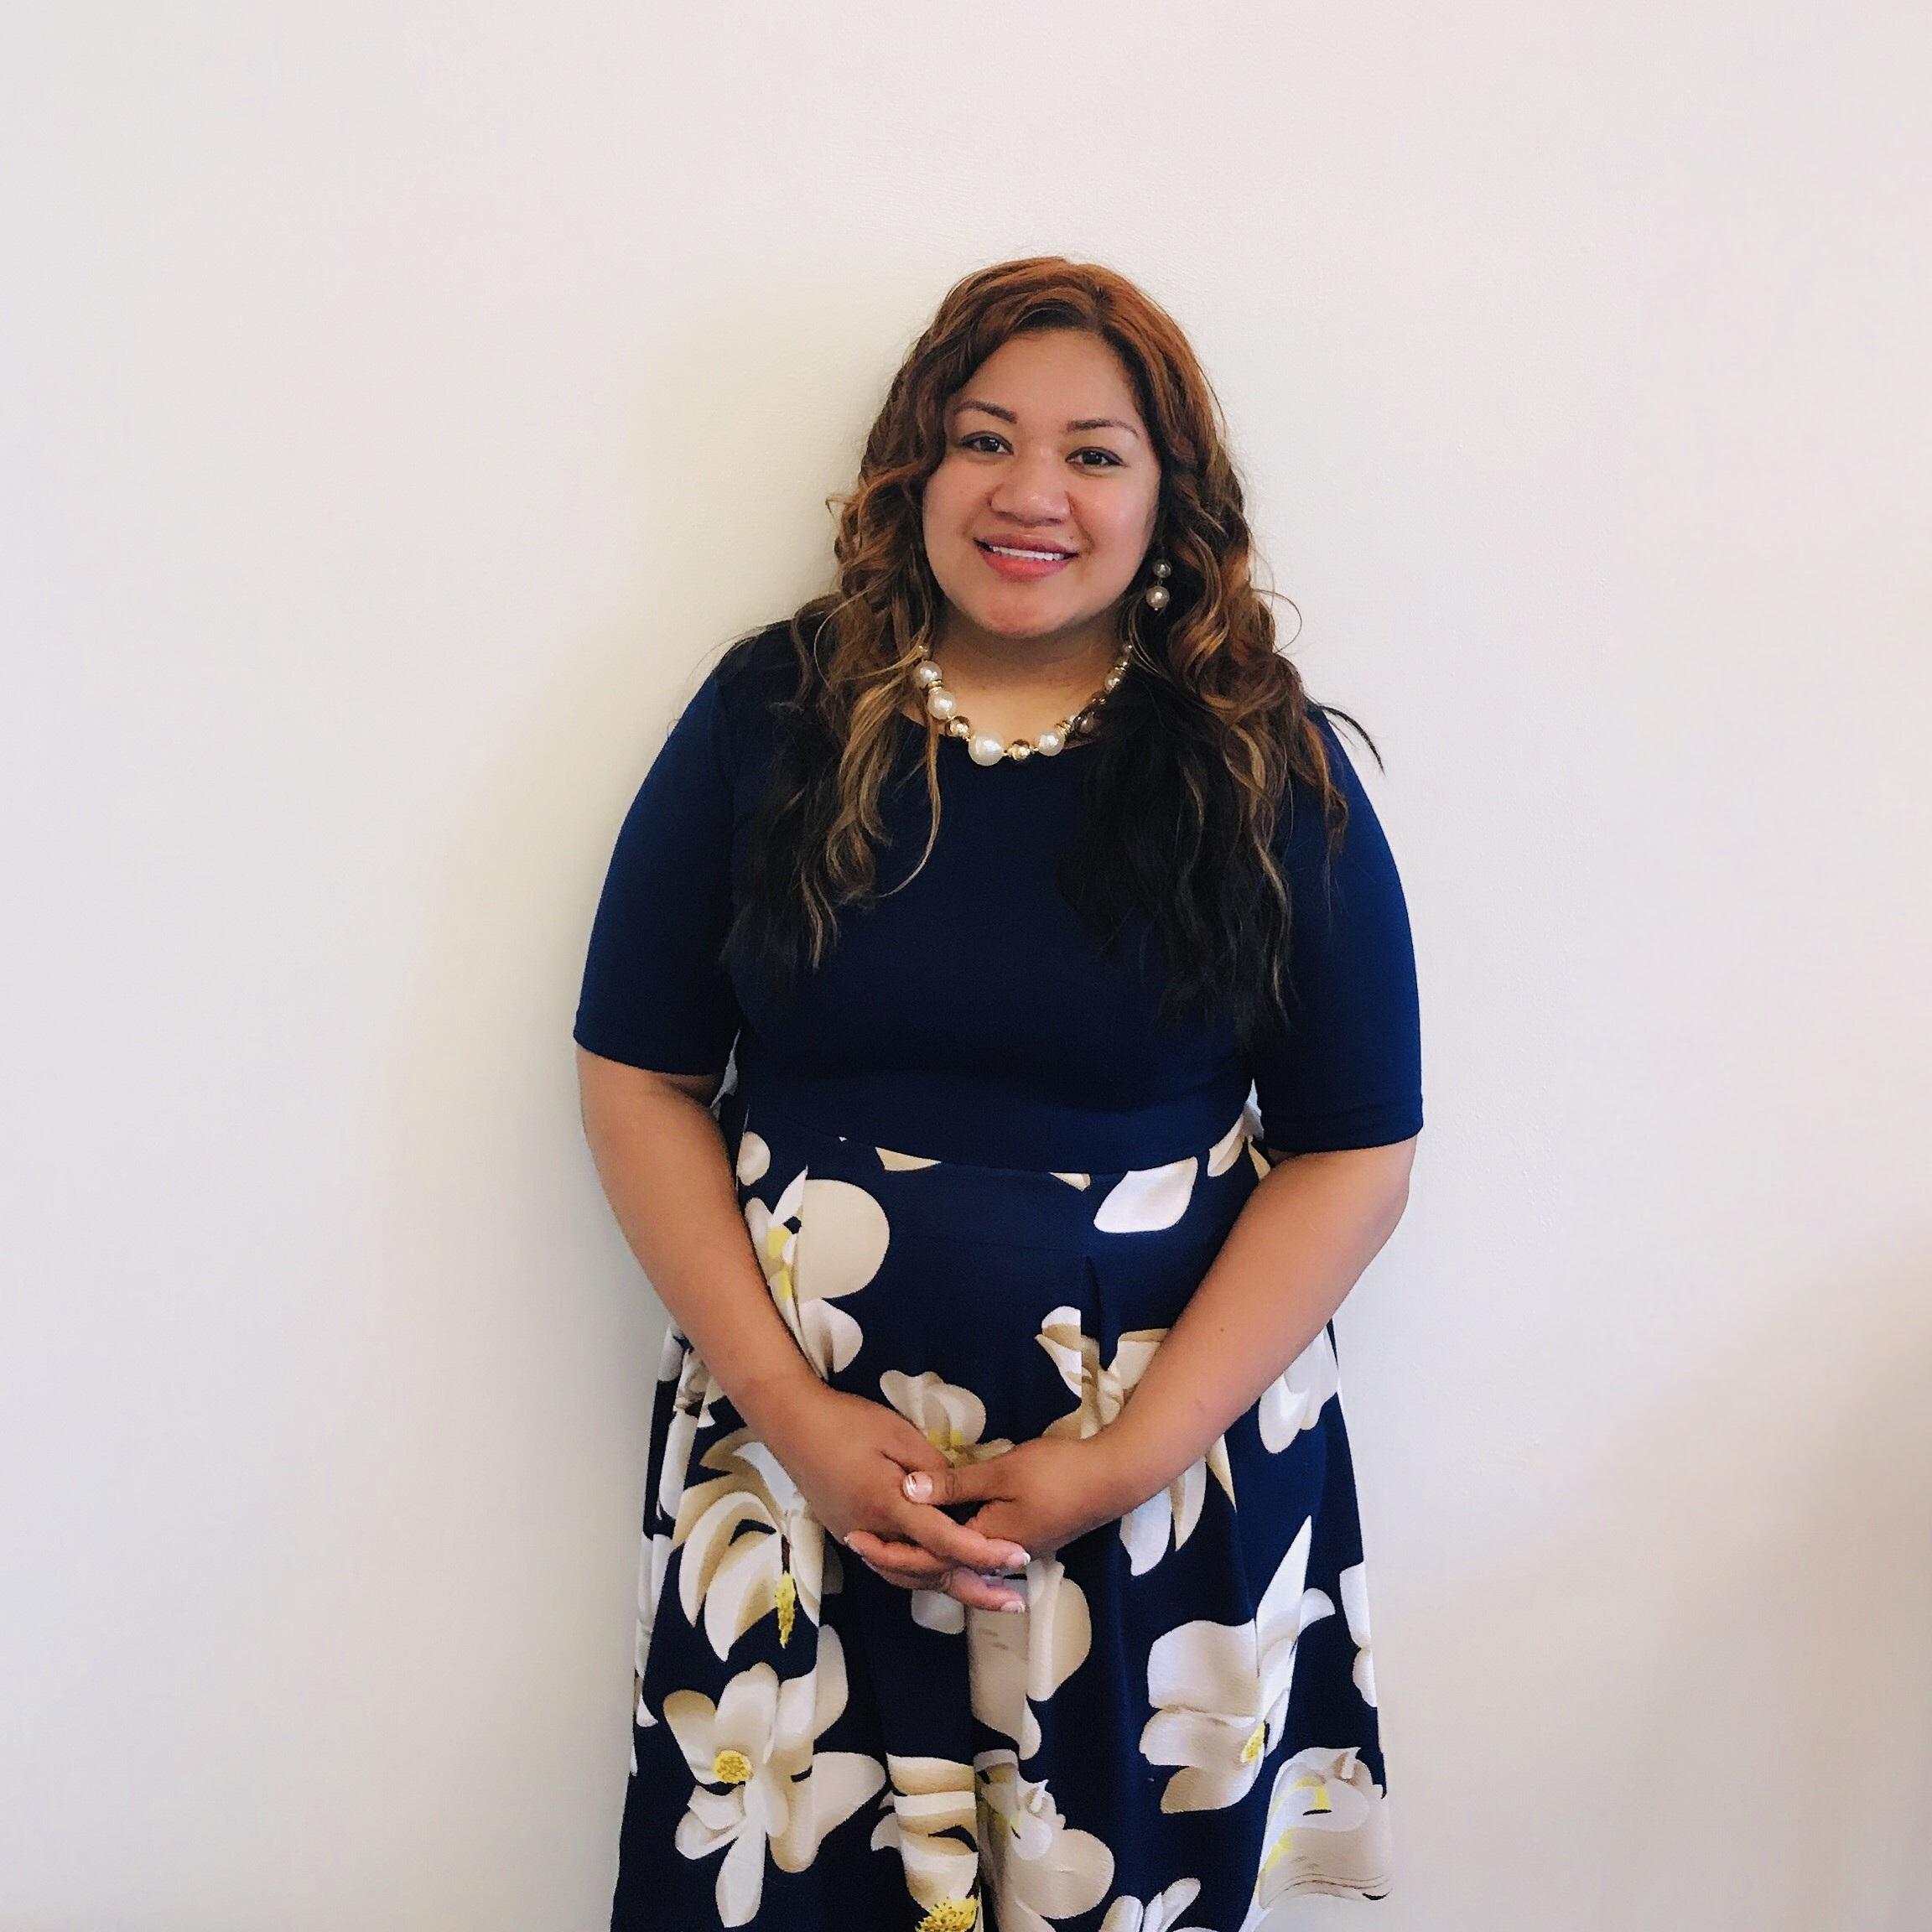 Tongan EdD Student and Gates Millennium Scholar, Anita Kiteau-Tuiaki.